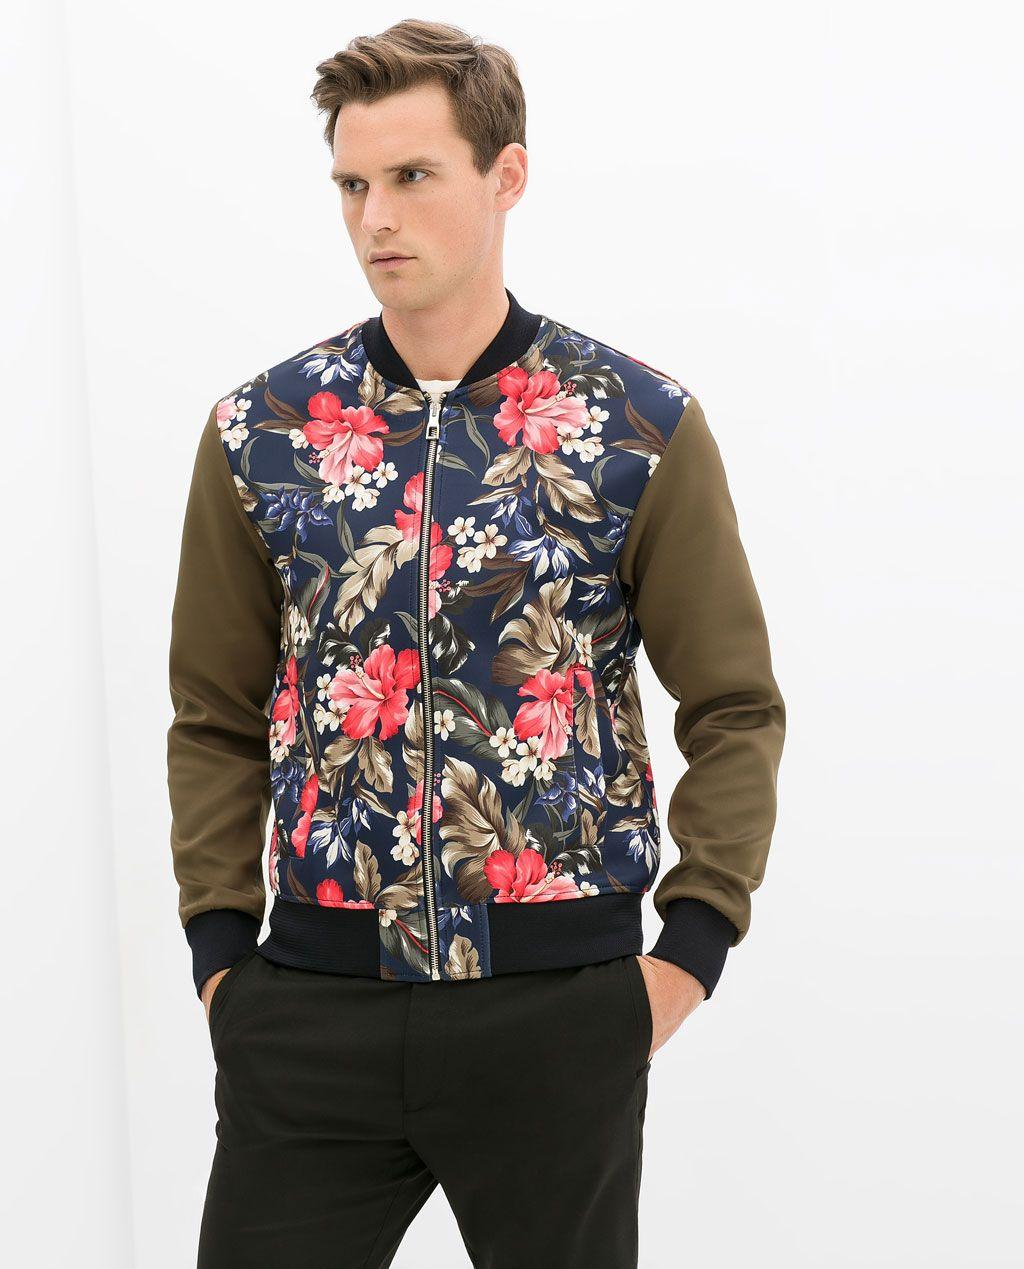 top fashion 19e1c 2858d Imagen 3 de CAZADORA FLORES de Zara Chaqueta Jeans, Ropa, Conjuntos  Deportivos, Moda